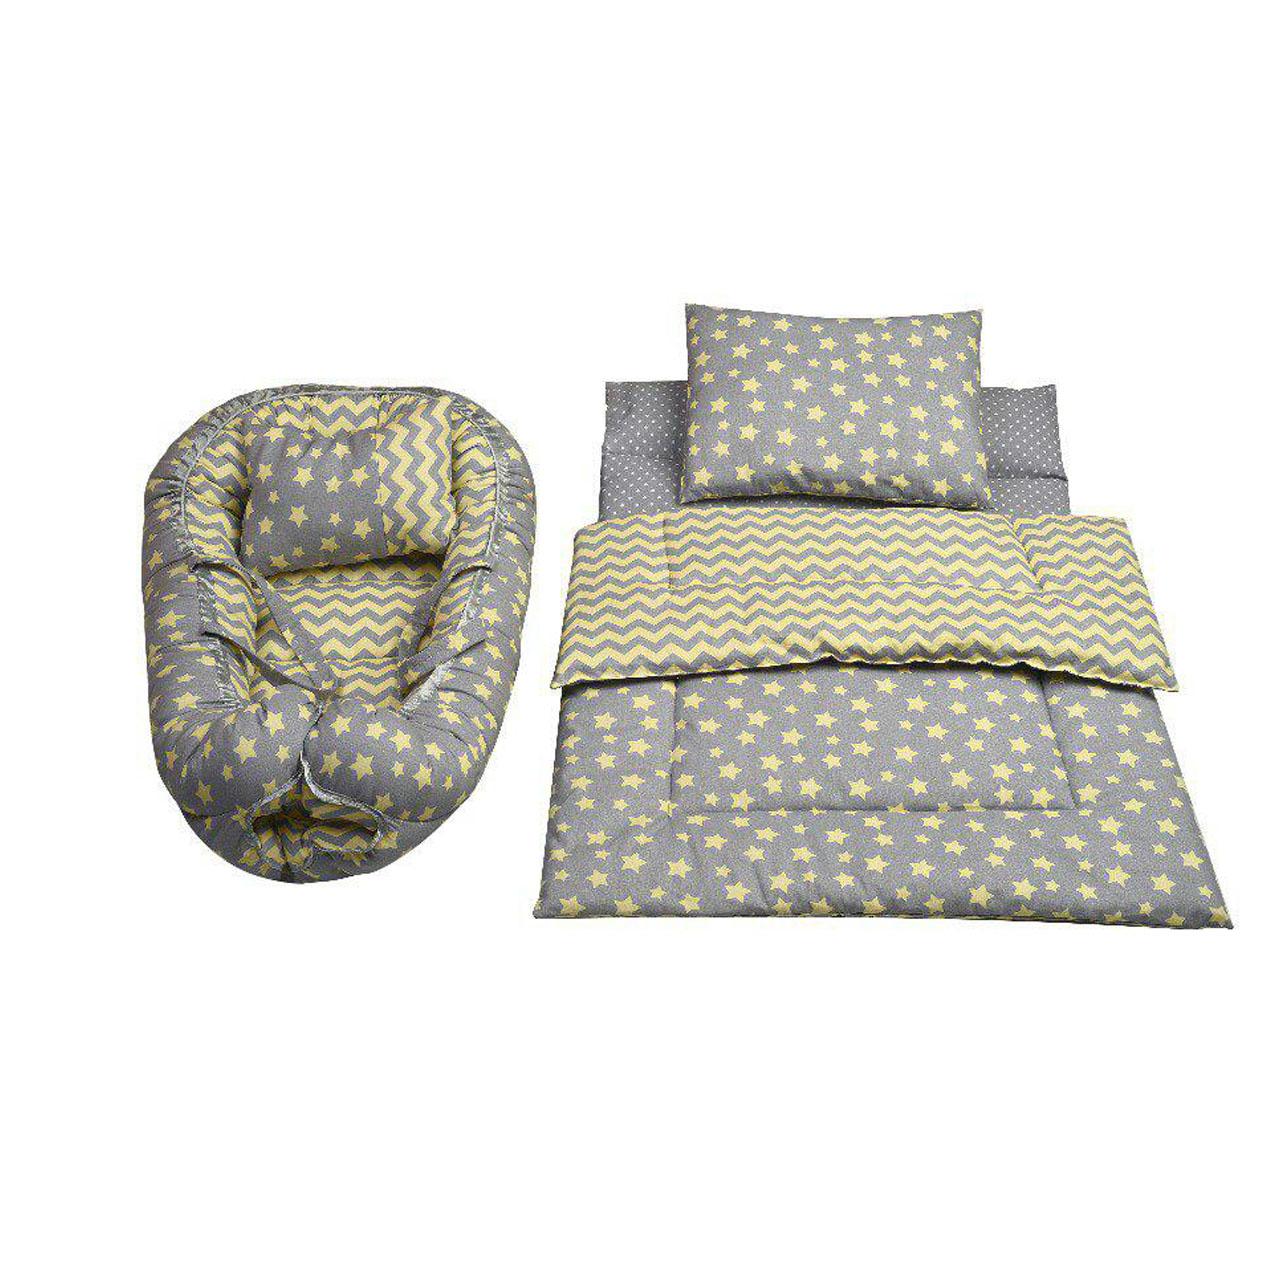 سرویس پنج تکه خواب نوزادی الی مدل ستاره طلایی